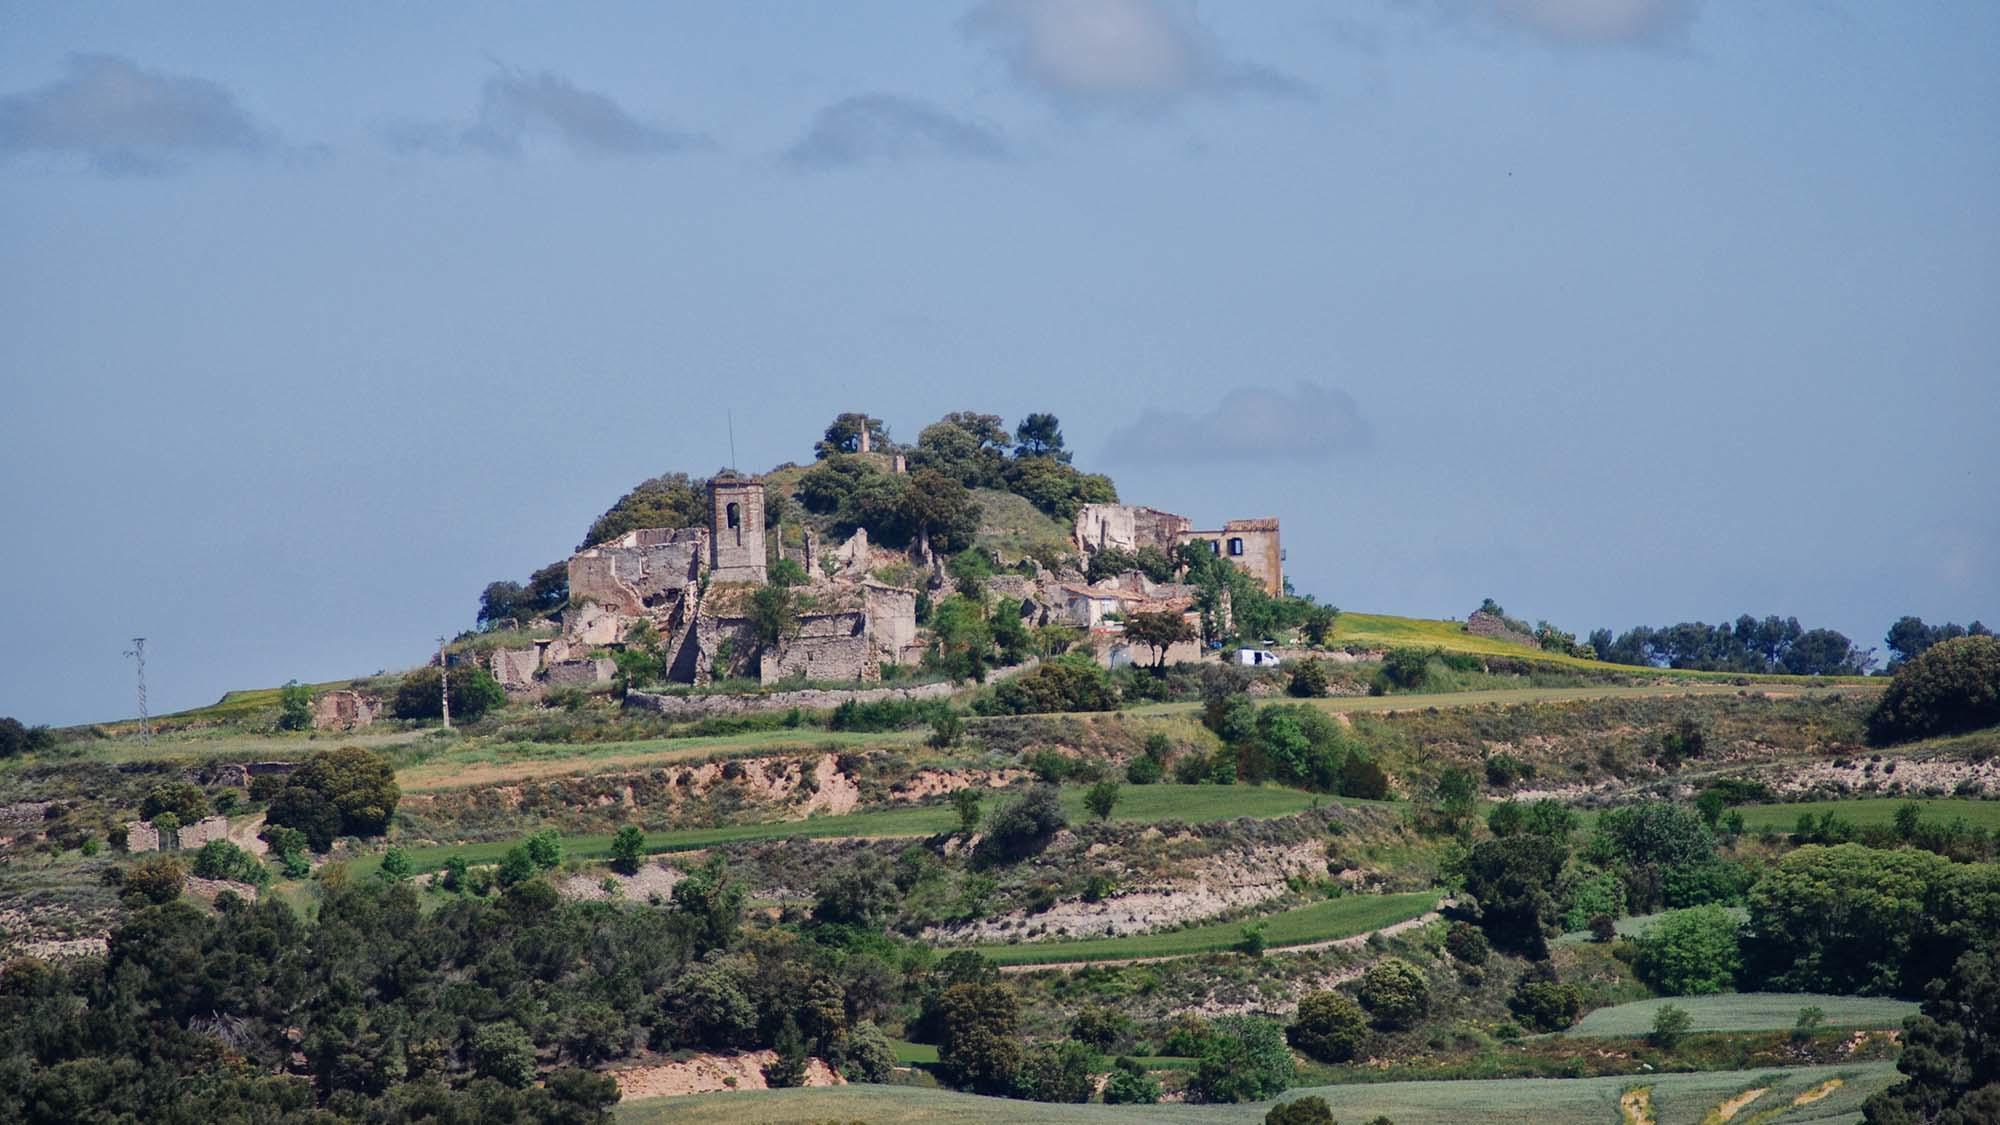 Château de Montlleó